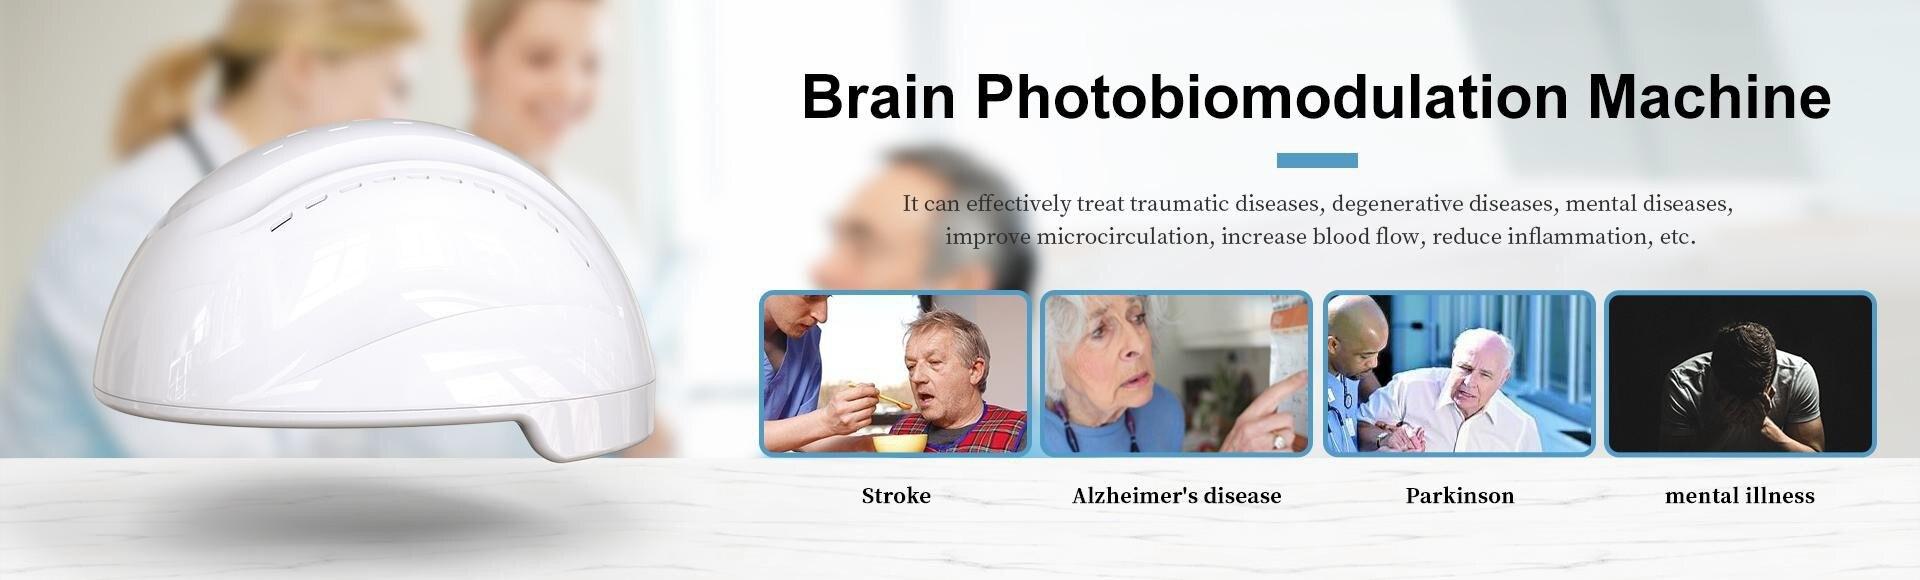 brainhelmet2uses.jpg